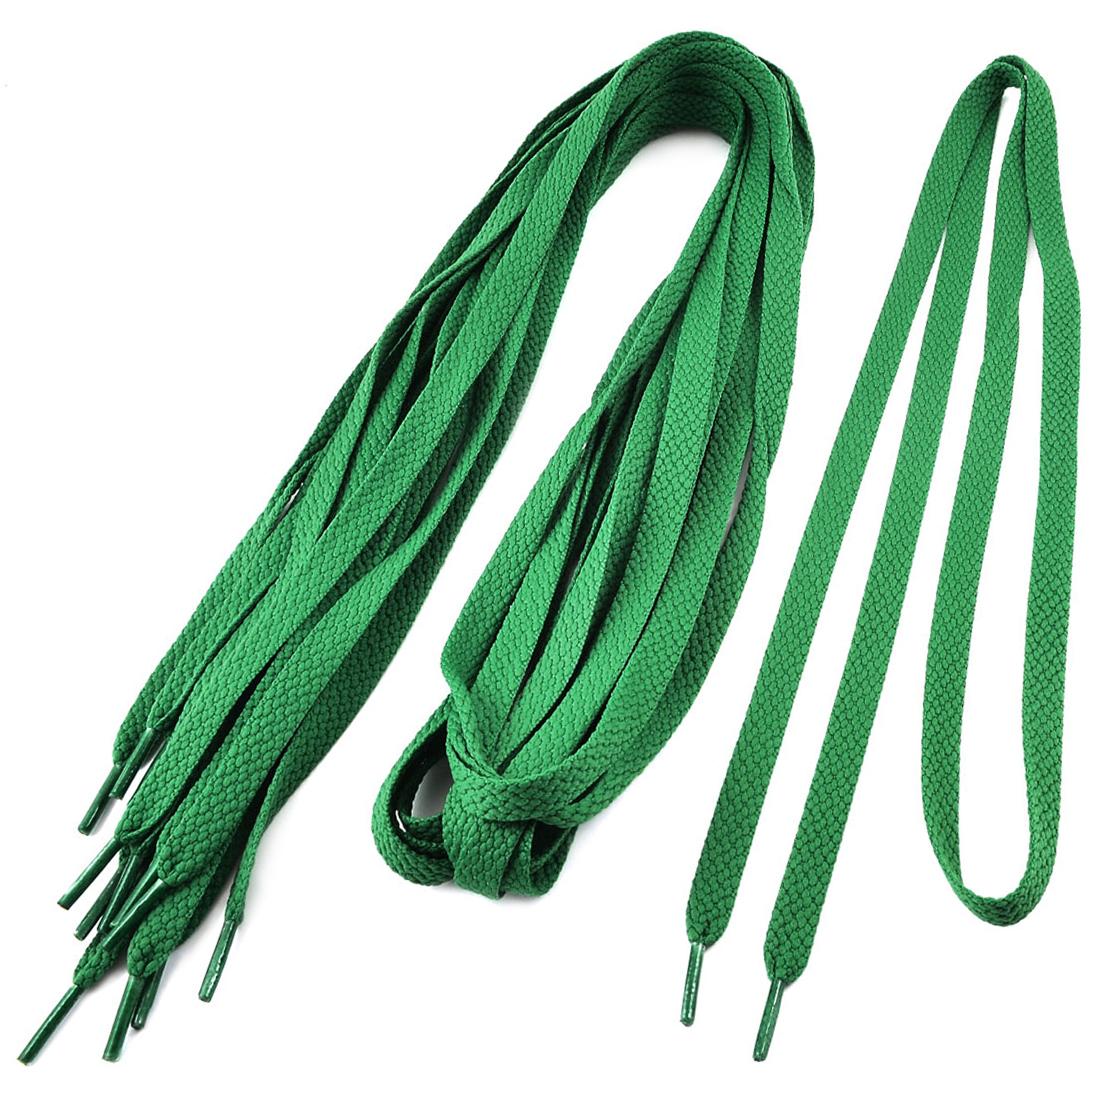 10 Pcs Plastic Tips Leisure Shoes Sneakers Shoelaces for Adults - image 1 de 1